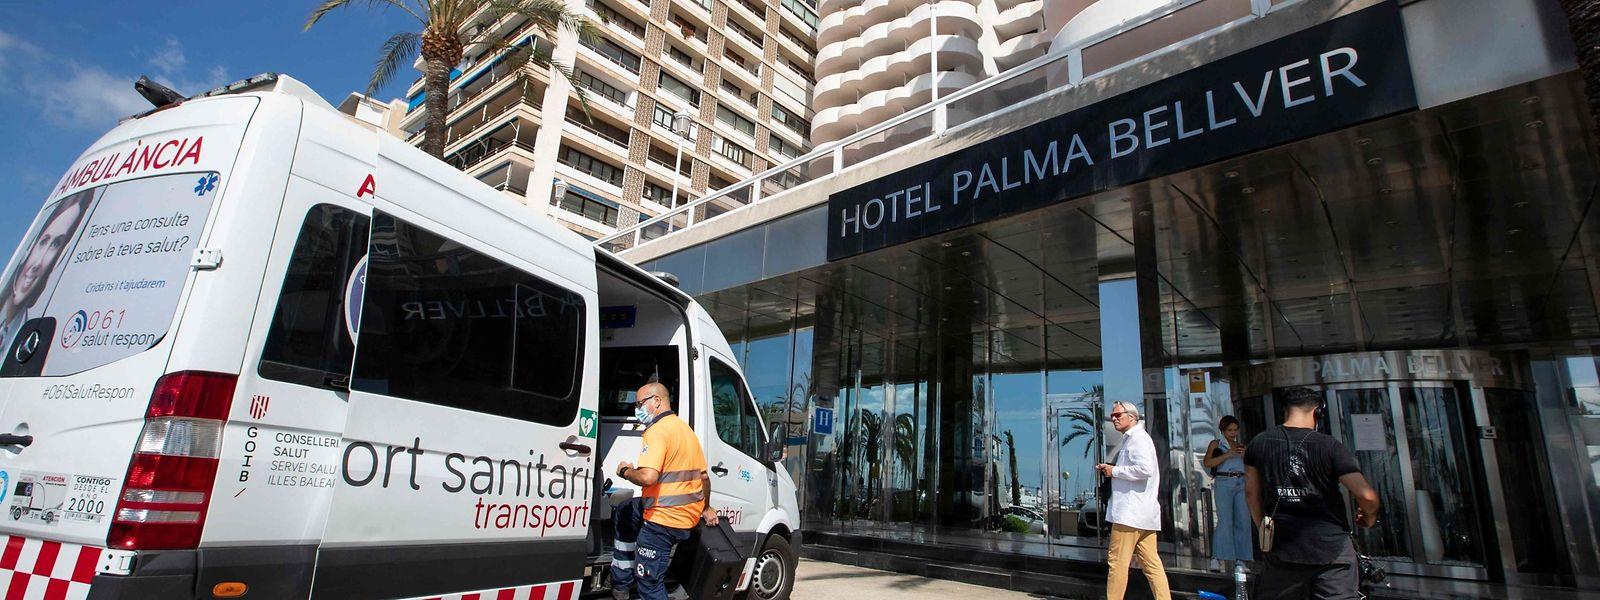 Des centaines d'étudiants se retrouvent confinés dans leur hôtel, pour suspicion d'infection.